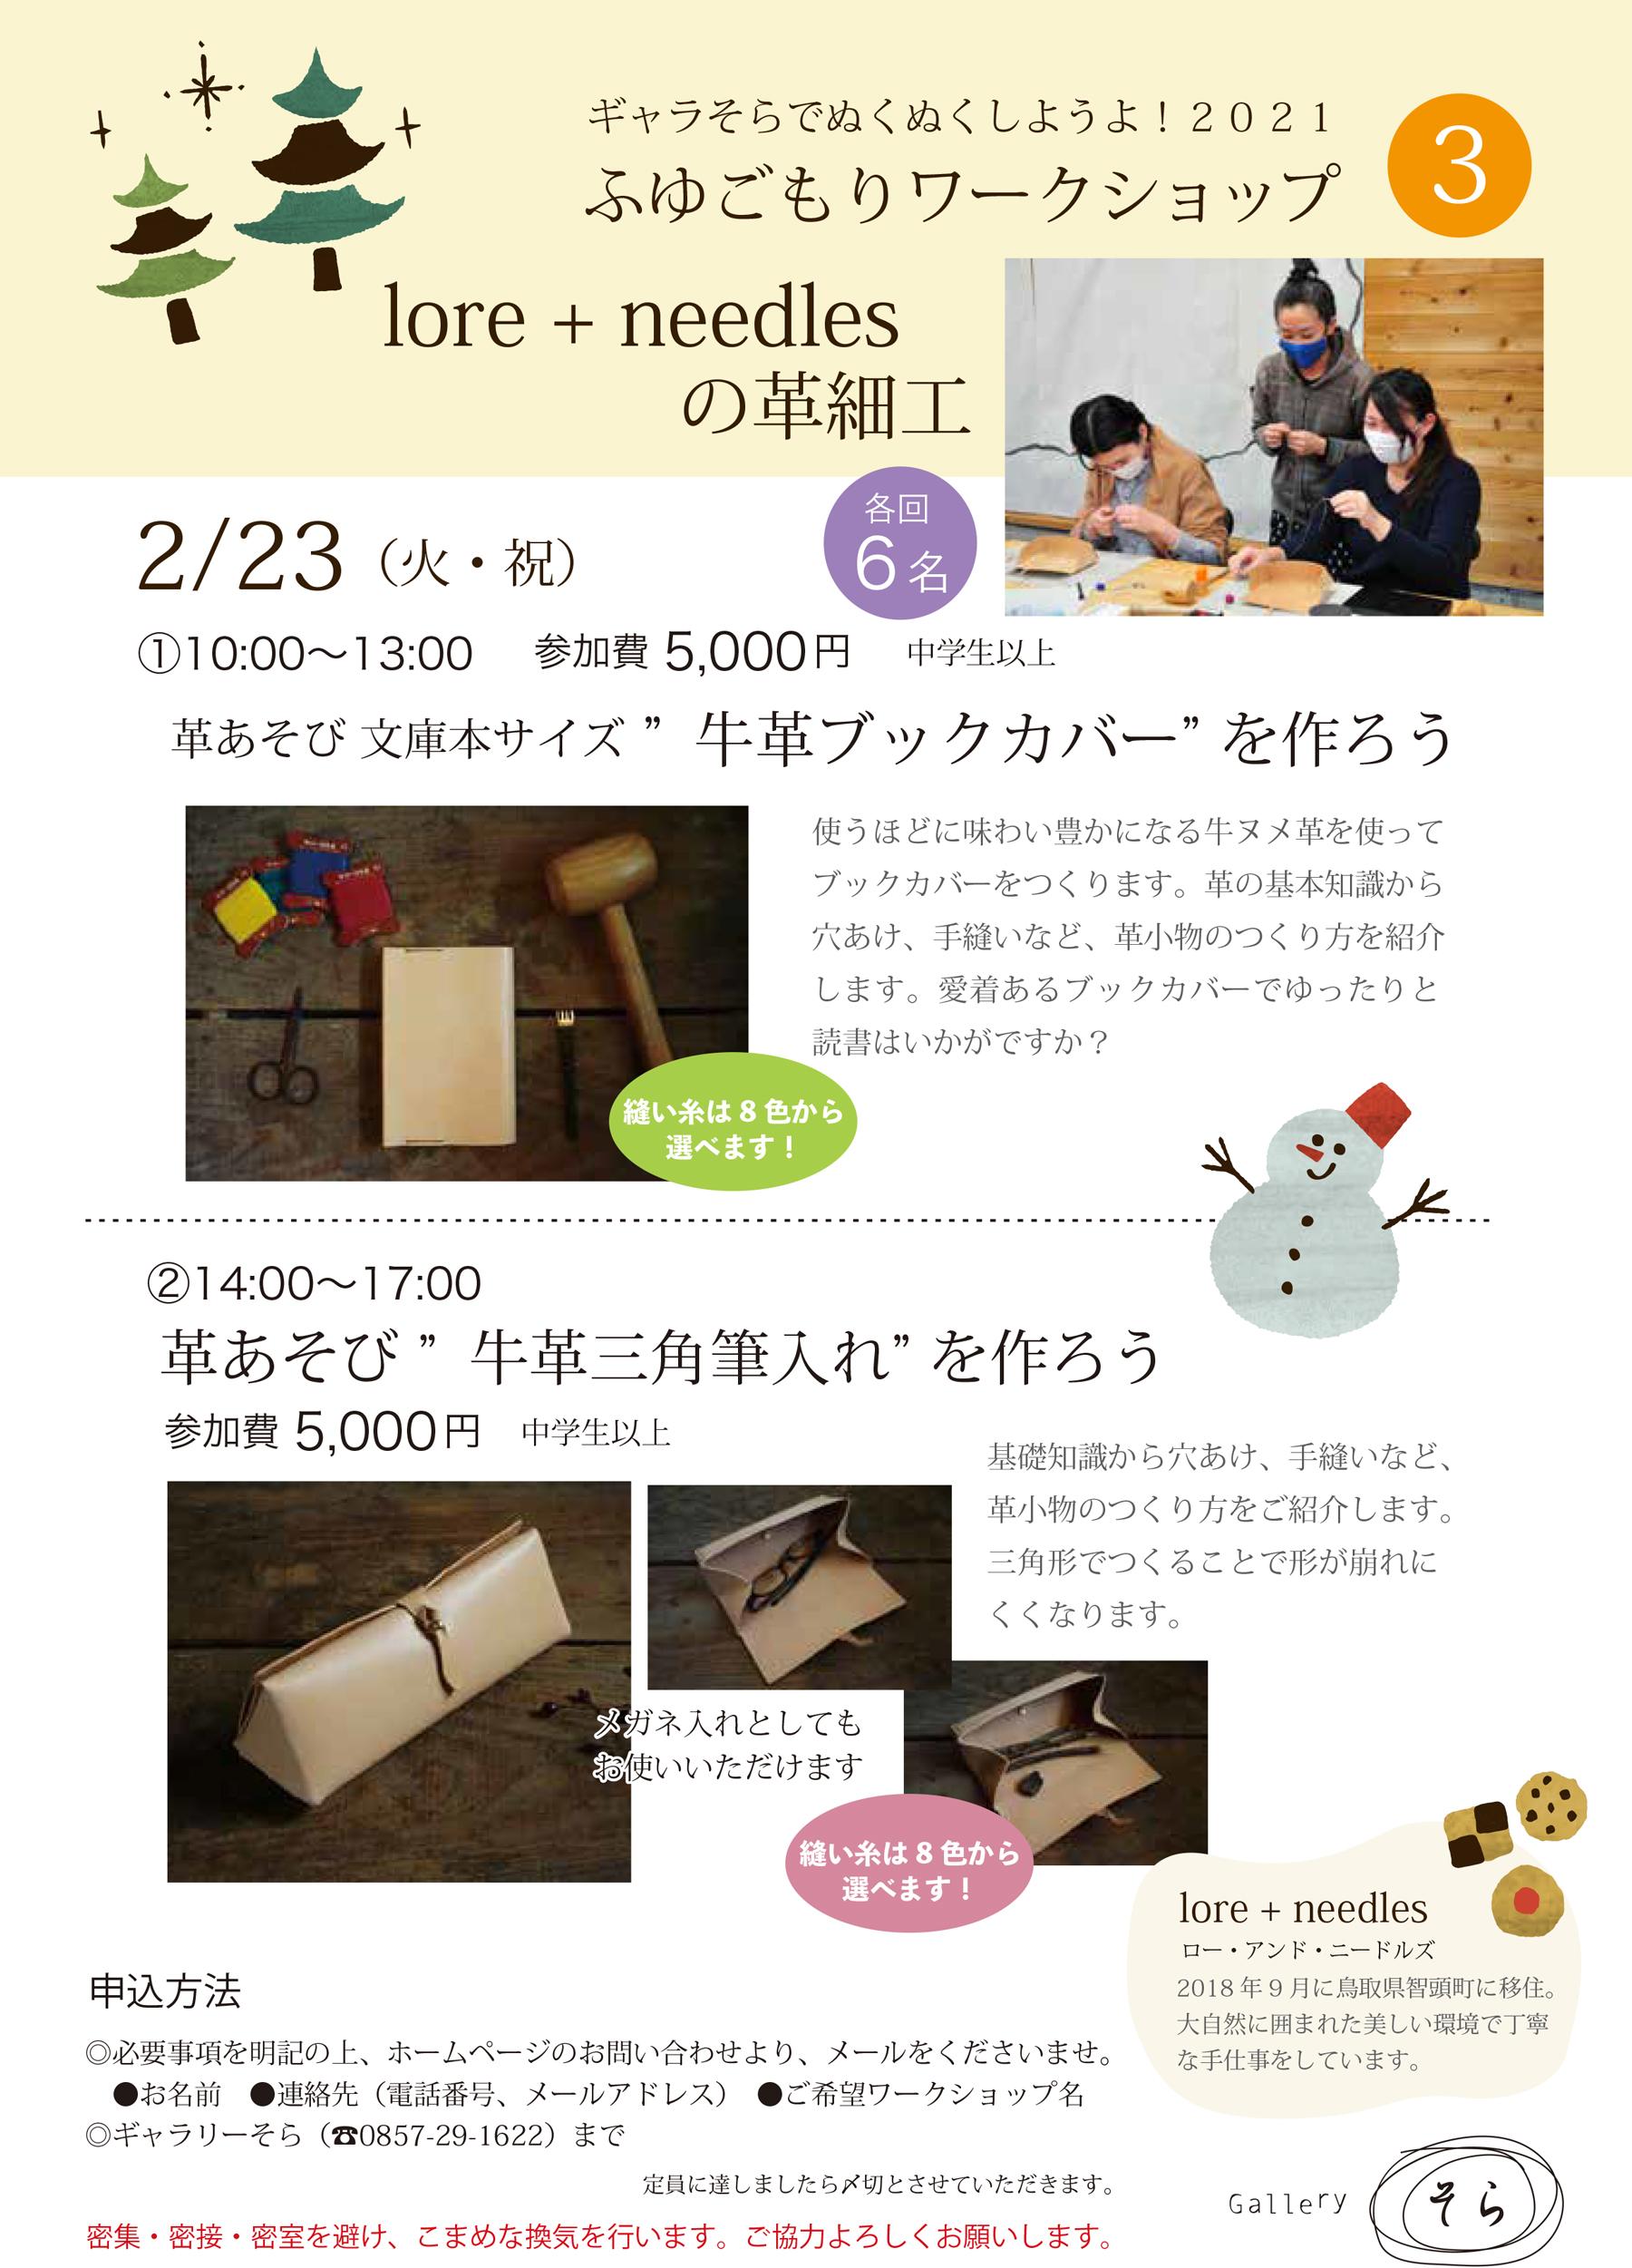 ふゆごもりワークショップ 2/23 (火) @ギャラリーそら にて革細工ワークショップを開催します